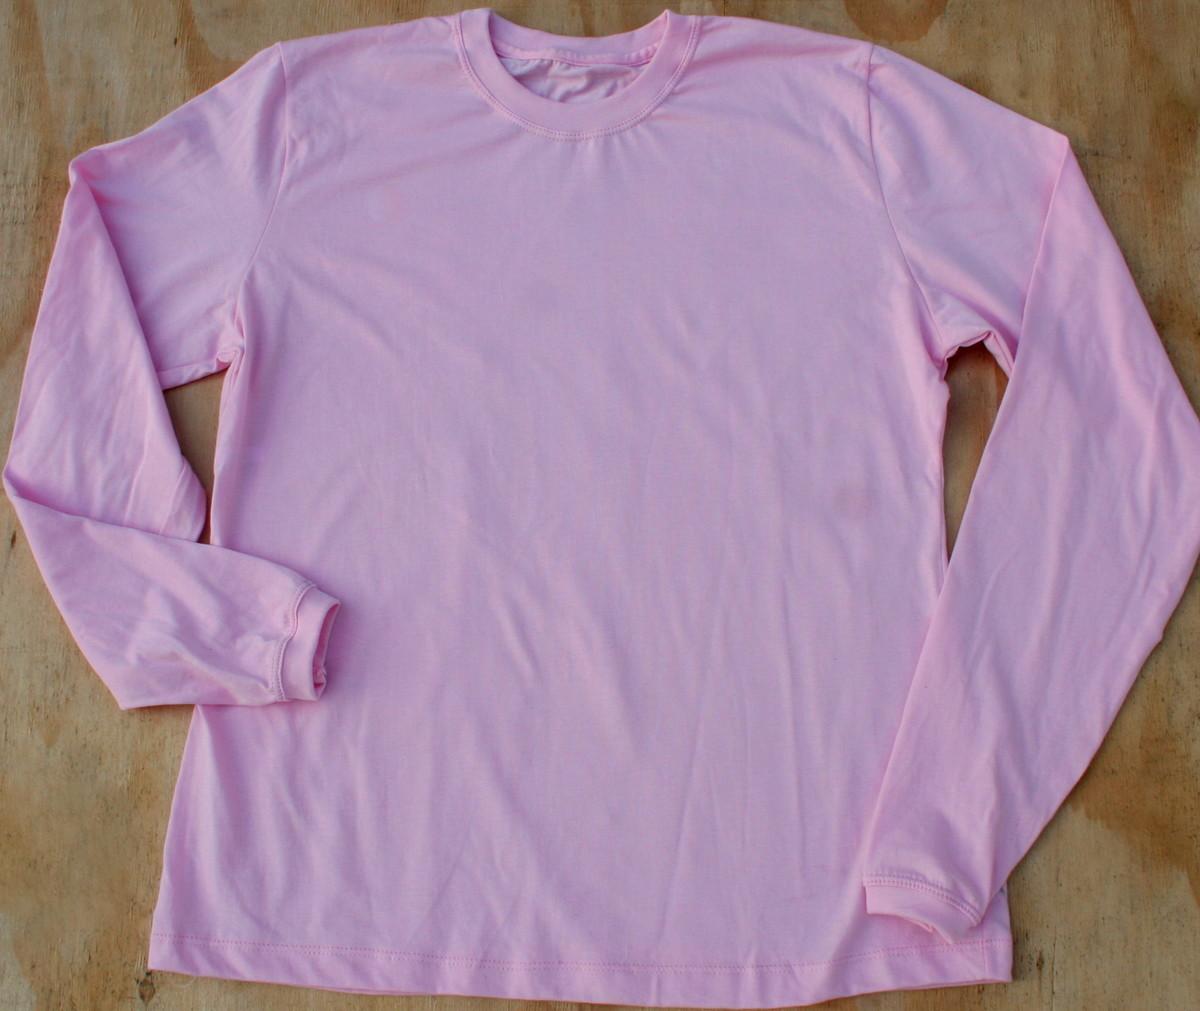 b3953af530 Camiseta manga longa 100% algodão no Elo7